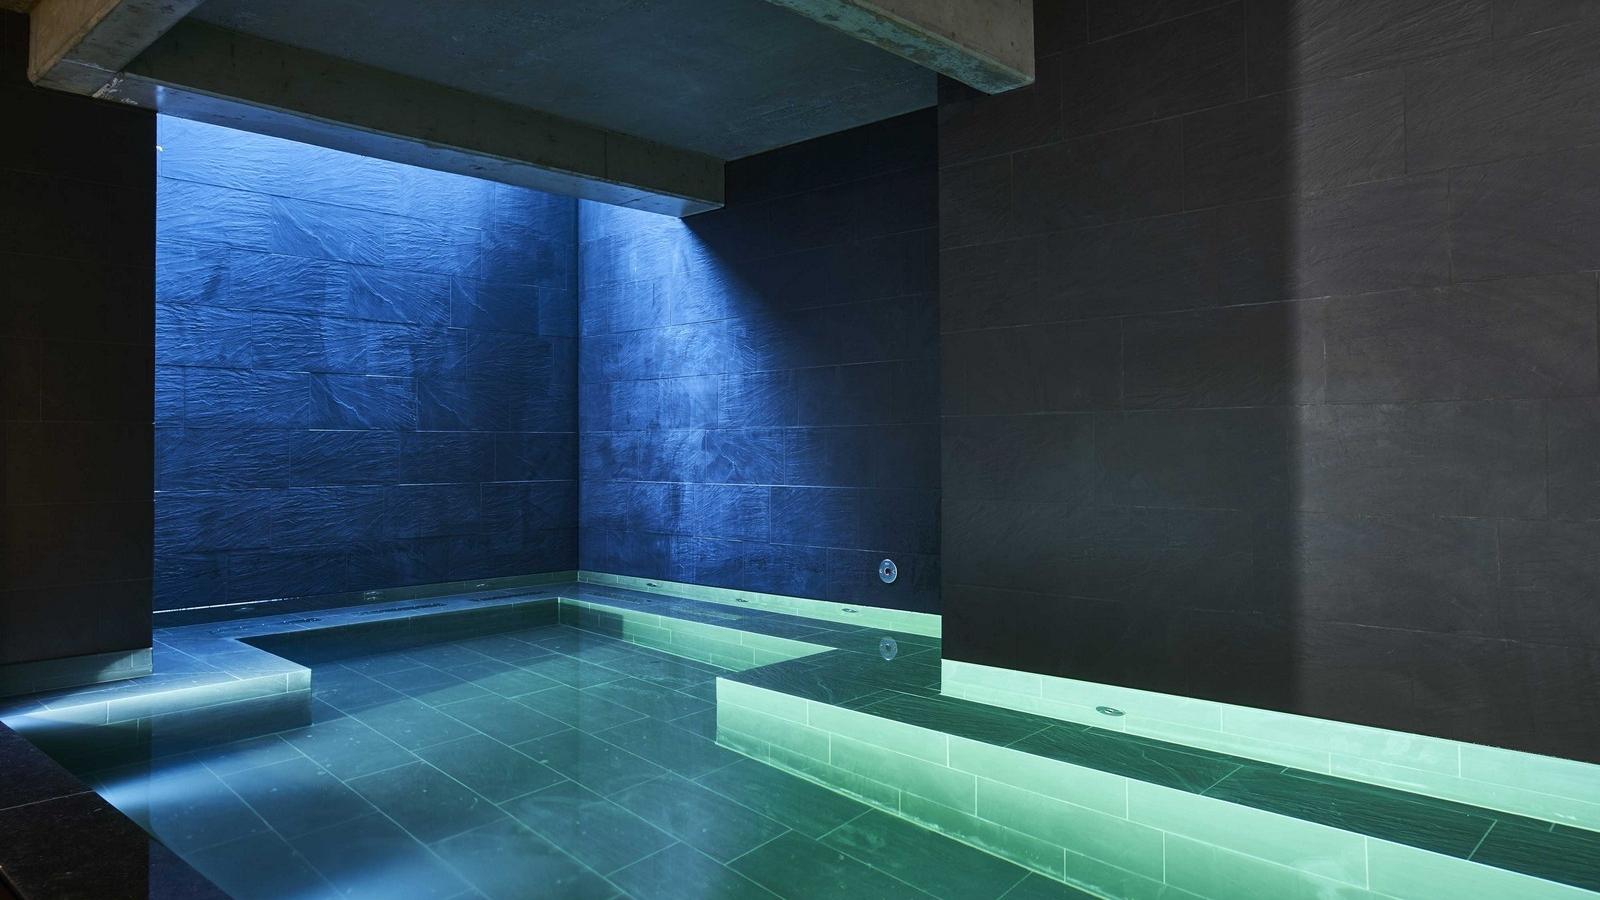 L'area relax. - A disposizione degli ospiti: una sauna finlandese, vasca idromassaggio e piscina coperta.